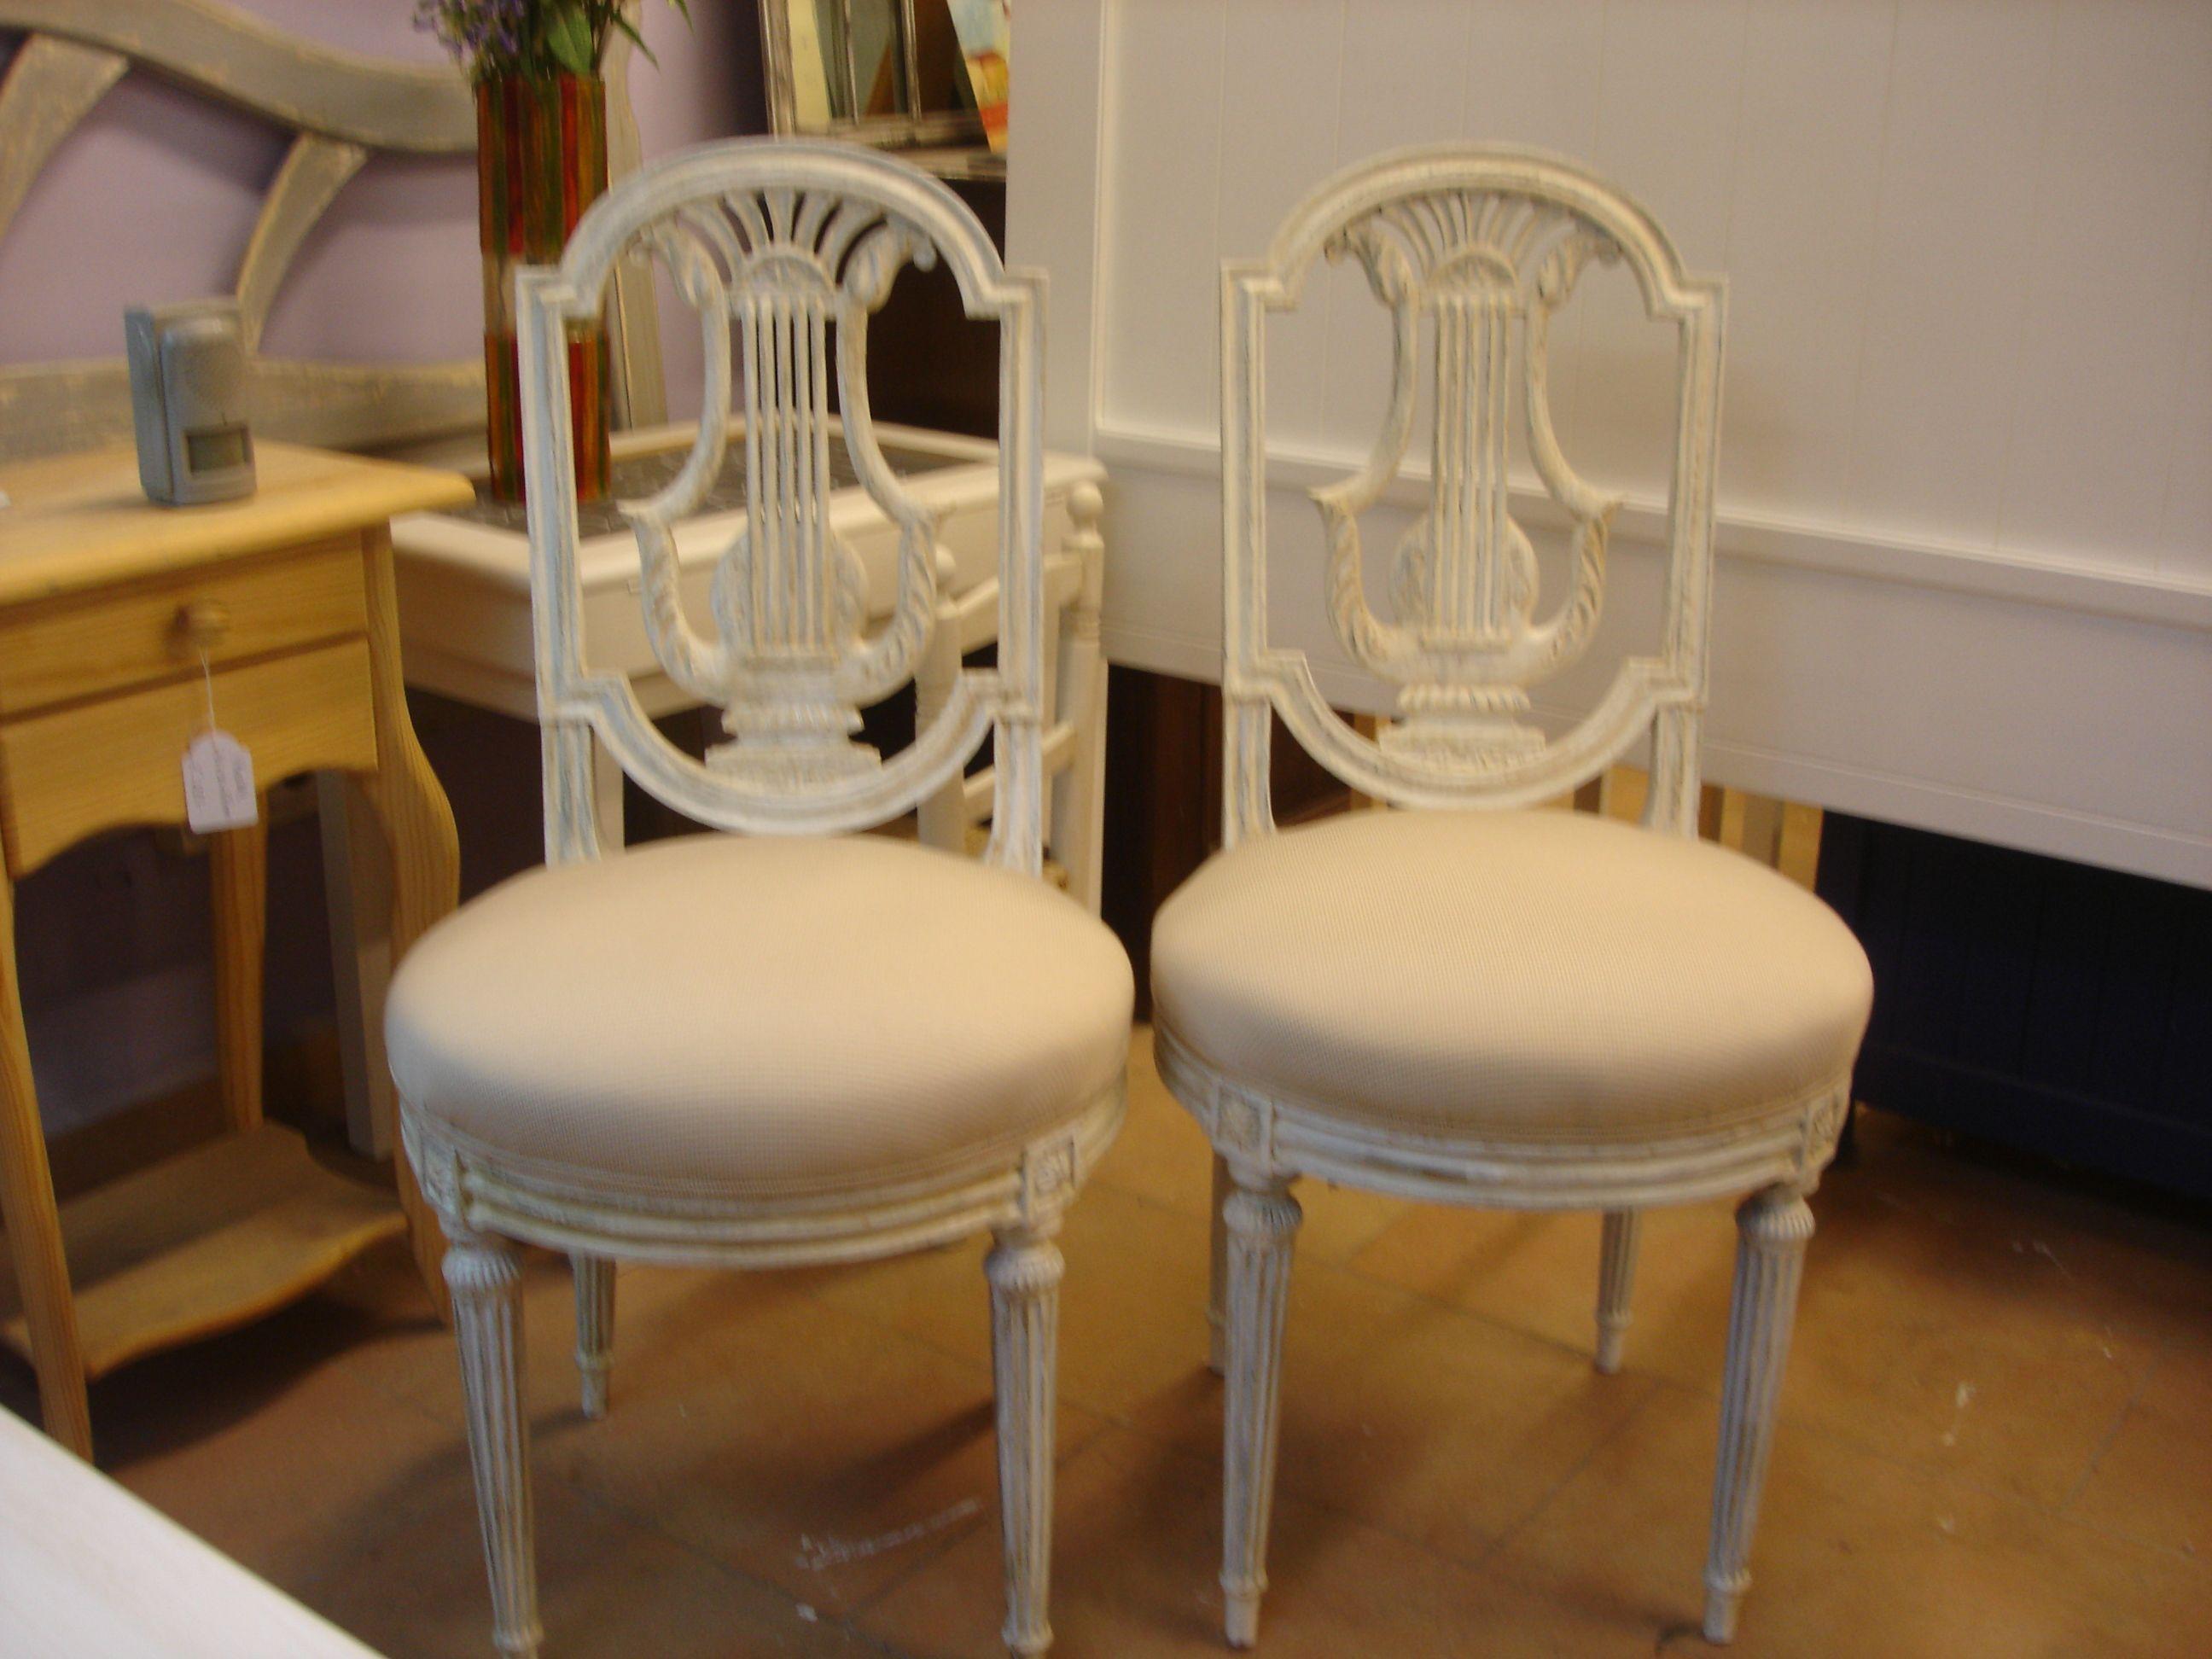 Sillas de estilo rom ntico decapadas y pintadas en blanco for Muebles romanticos blancos